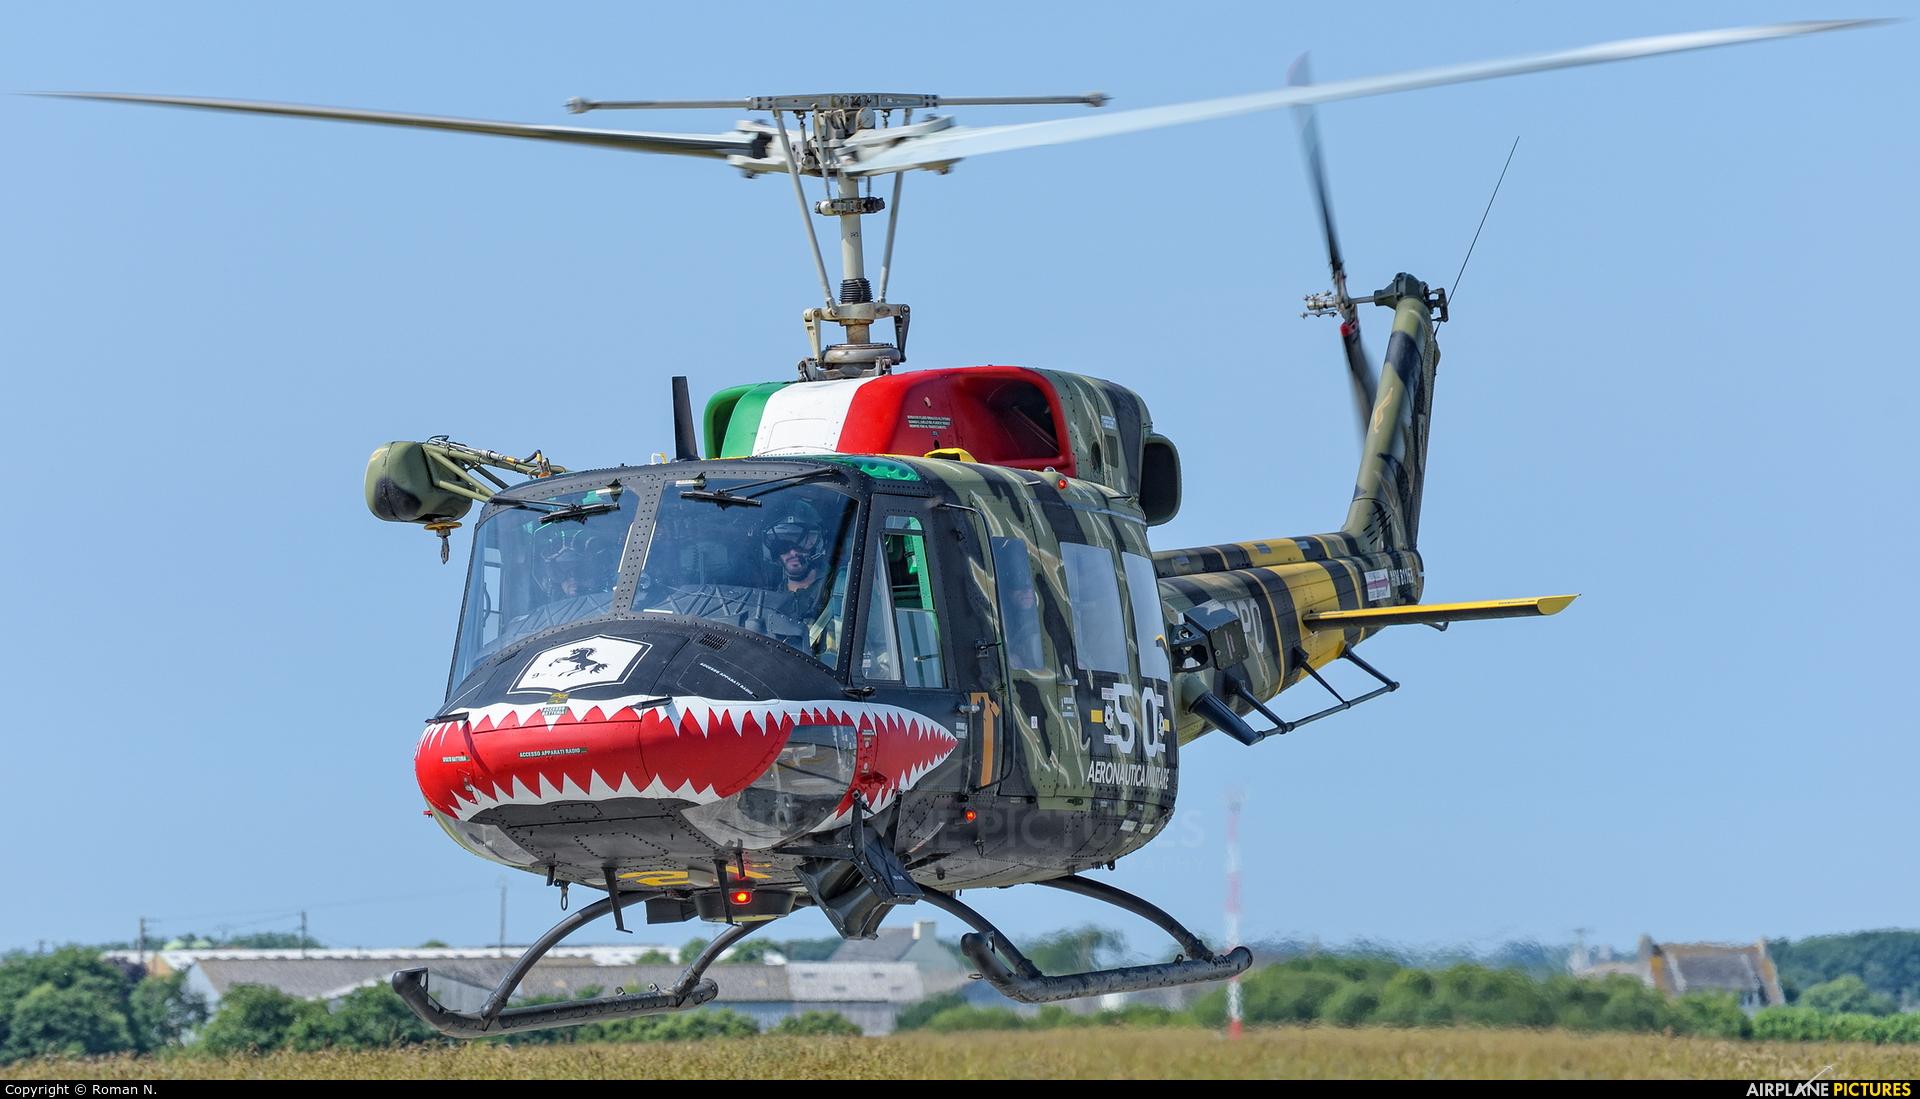 Italy - Air Force MM81163 aircraft at Landivisiau